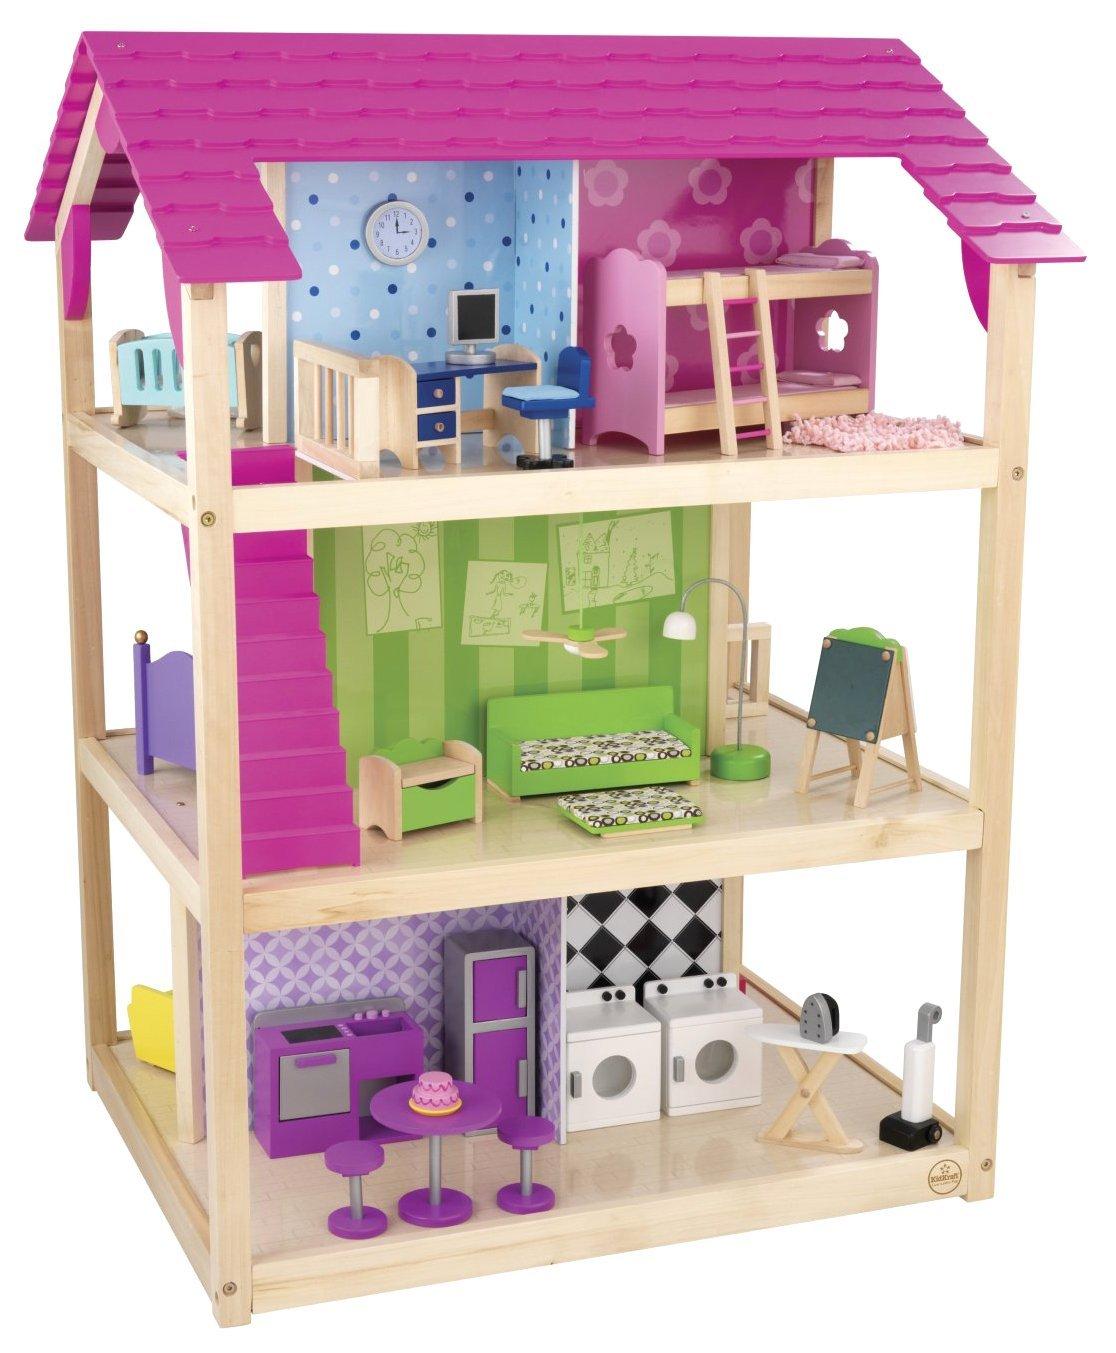 Купить Кукольный домик для Барби - Самый роскошный, с мебелью 45 элементов, на колесиках, KidKraft